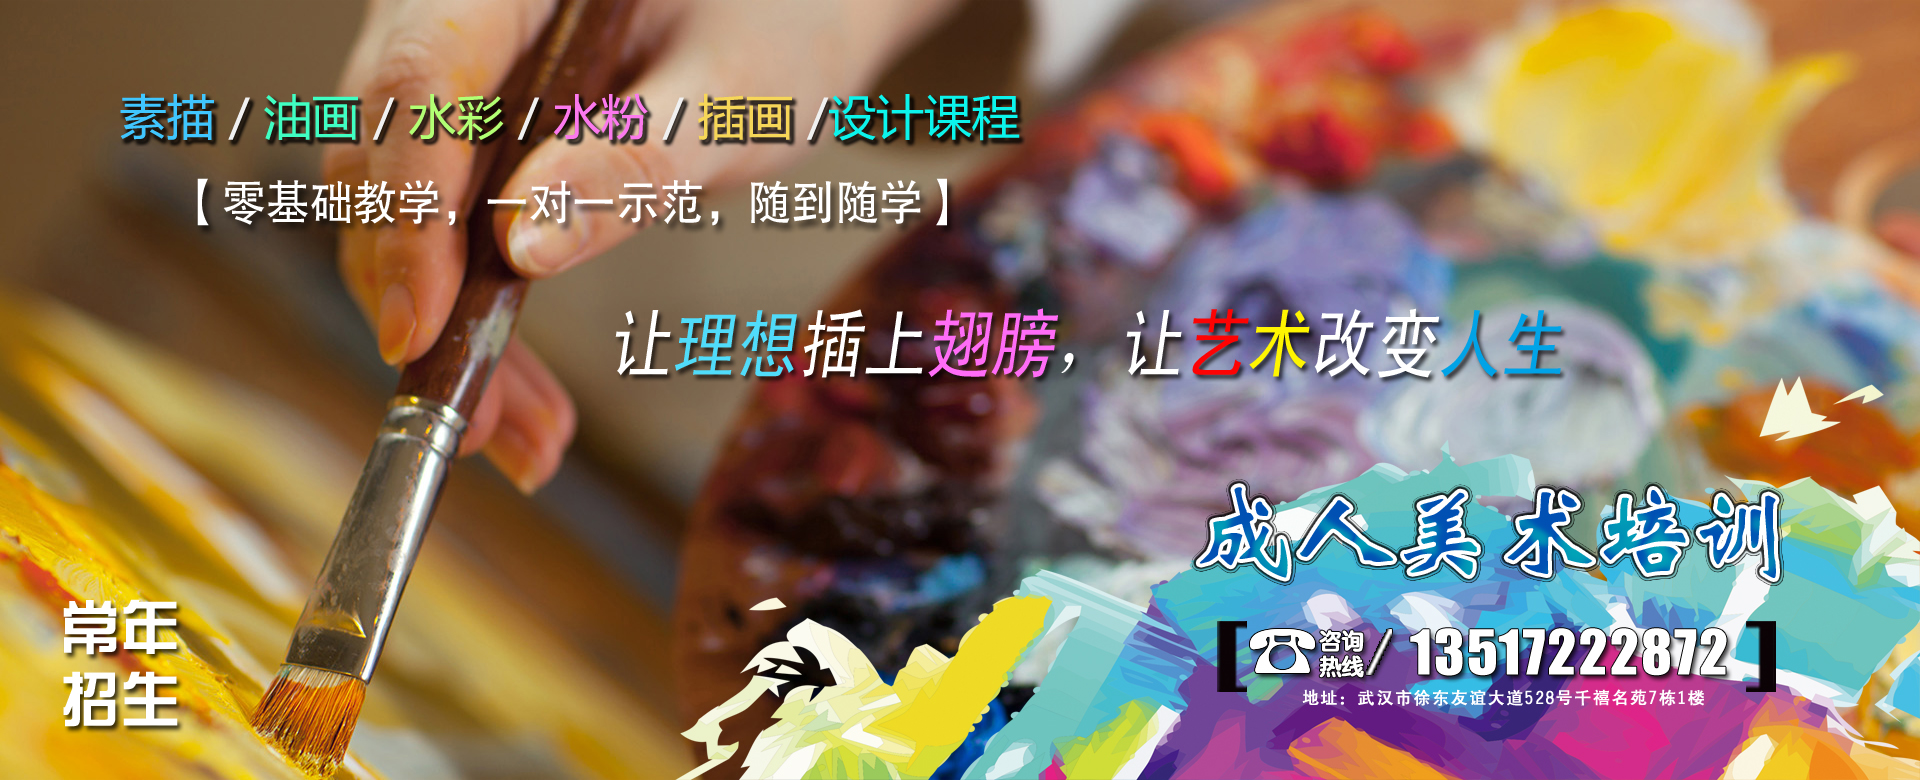 武汉艺能星画室